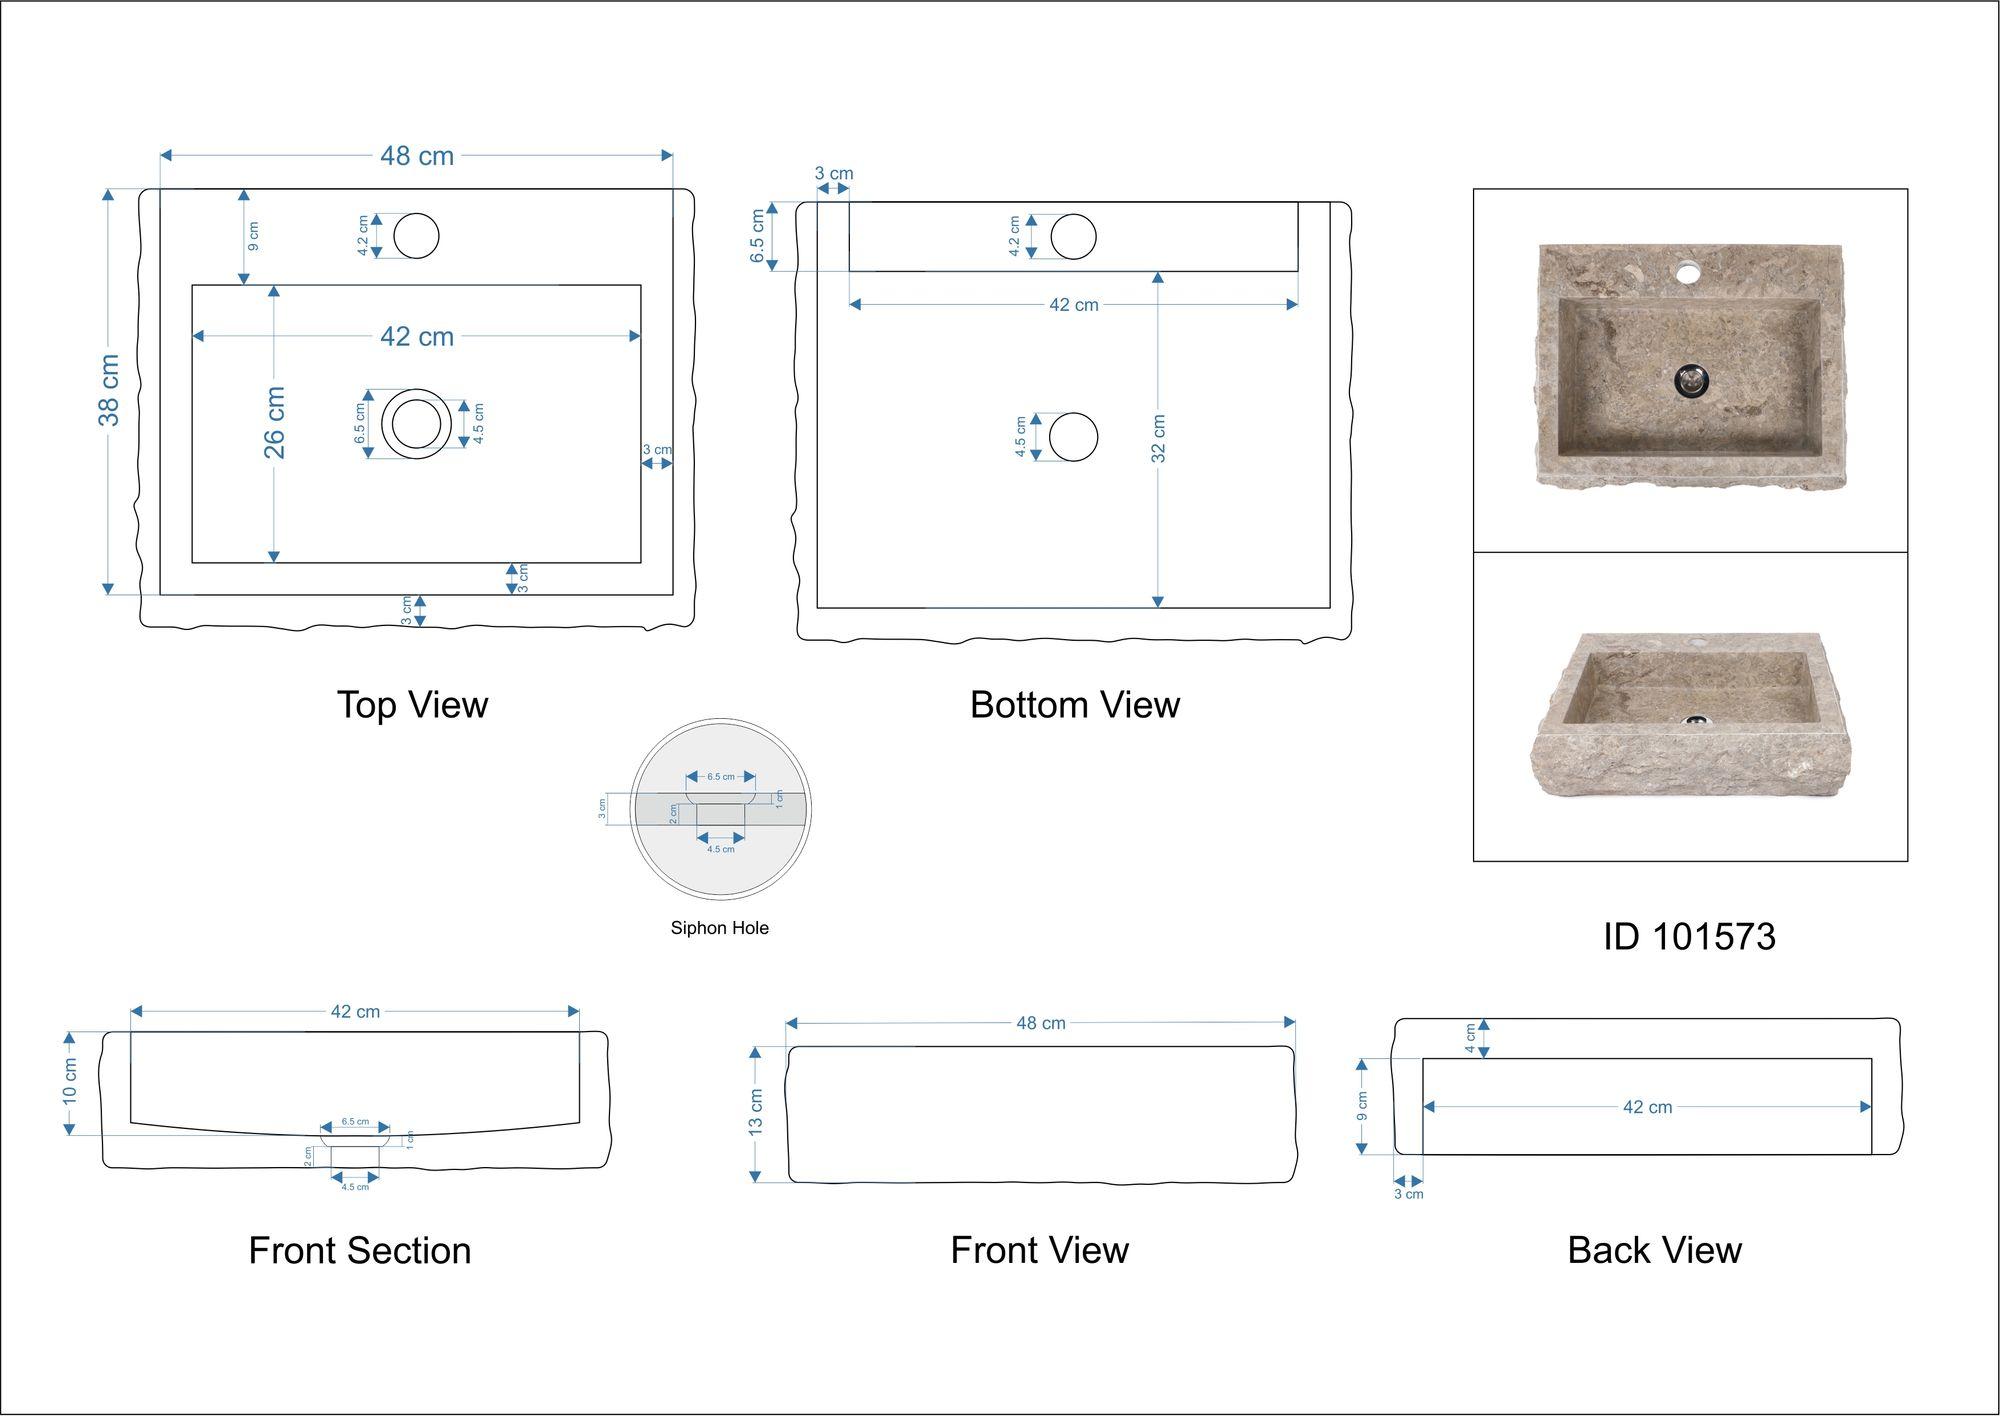 WOHNFREUDEN Marmor Naturstein-Waschbecken  48x38x12cm grau eckig Stein Gäste WC